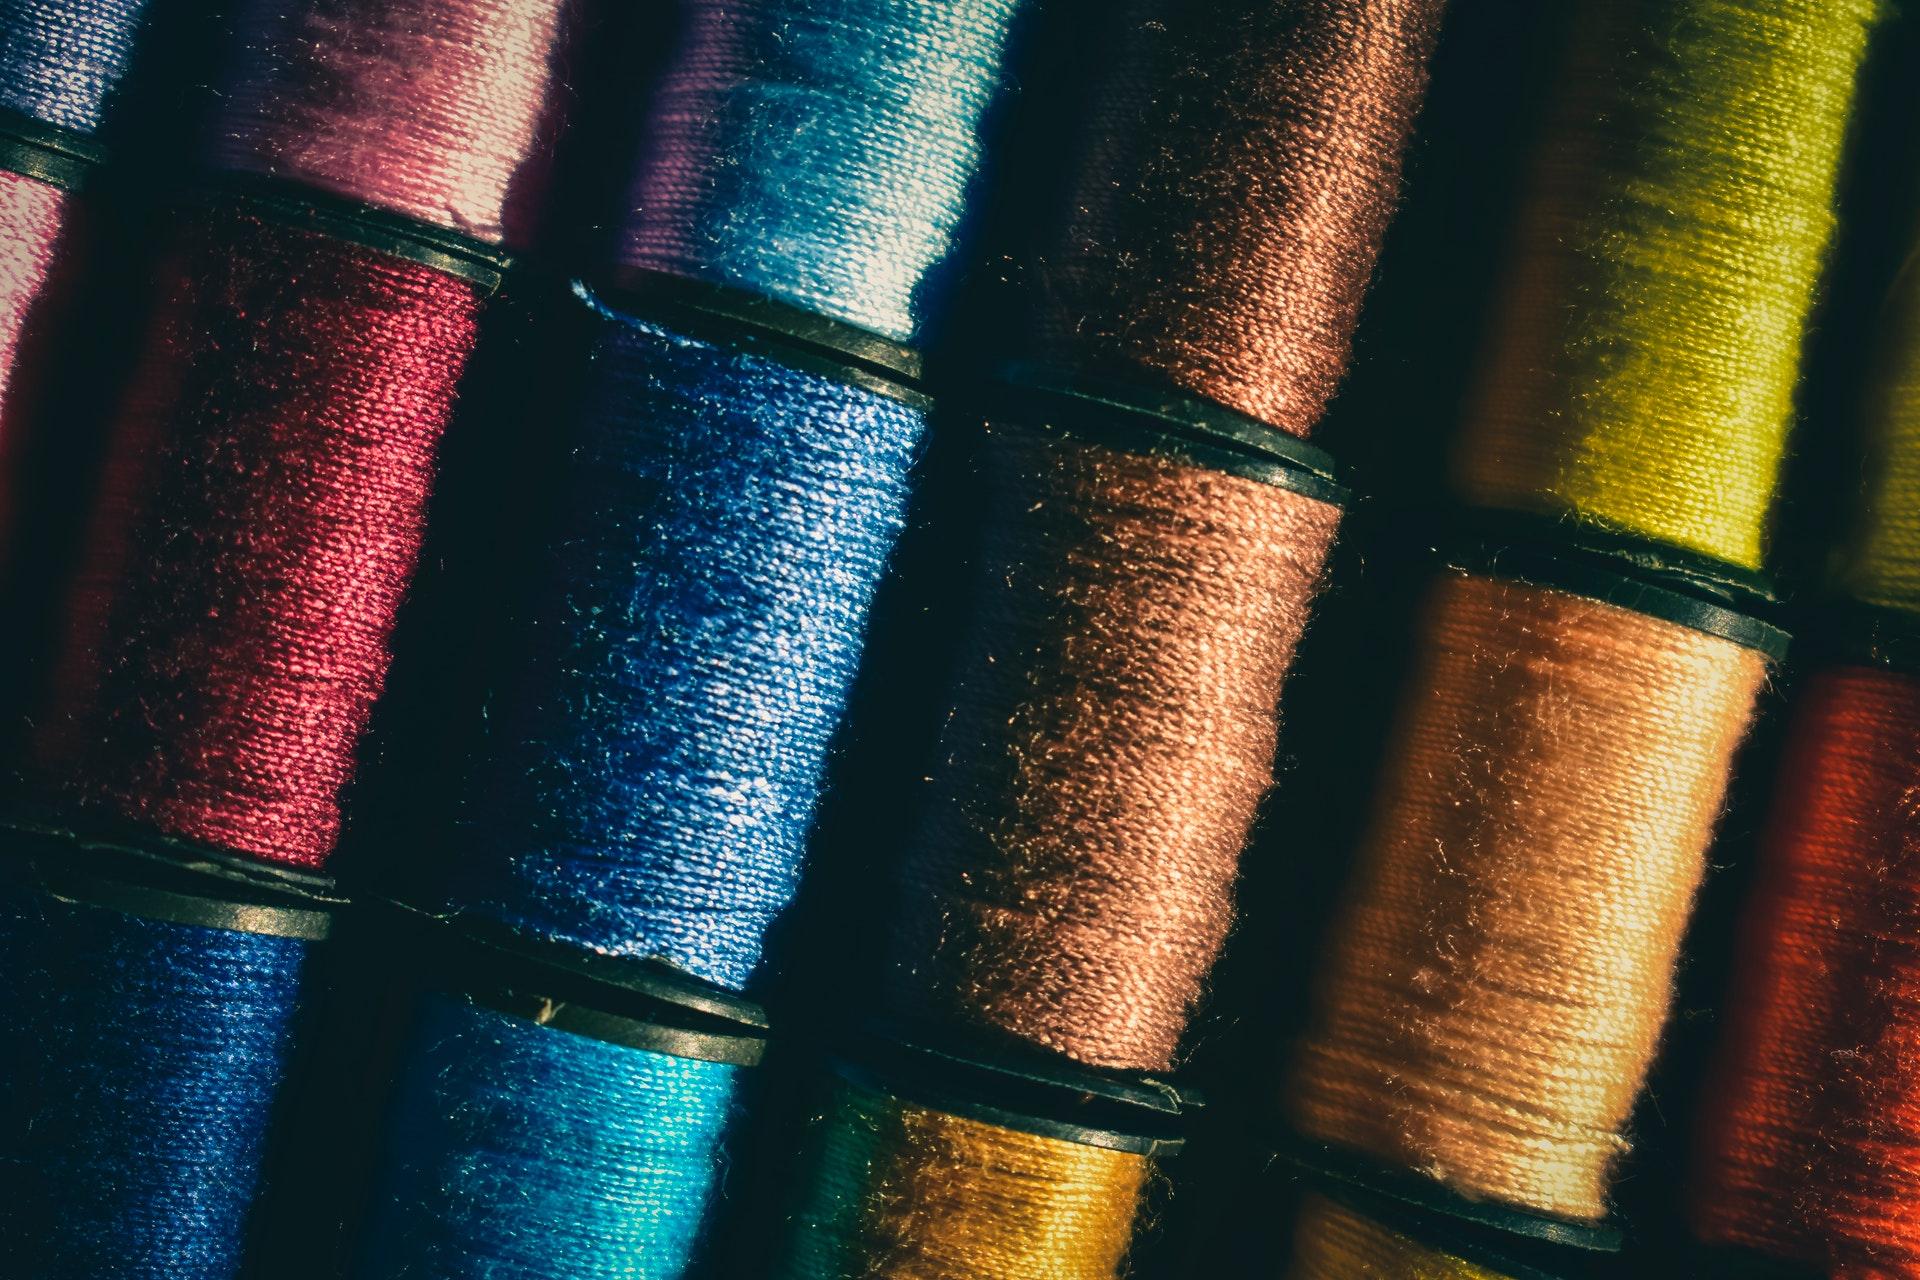 Środki do barwienia tkanin syntetycznych i naturanych włókien